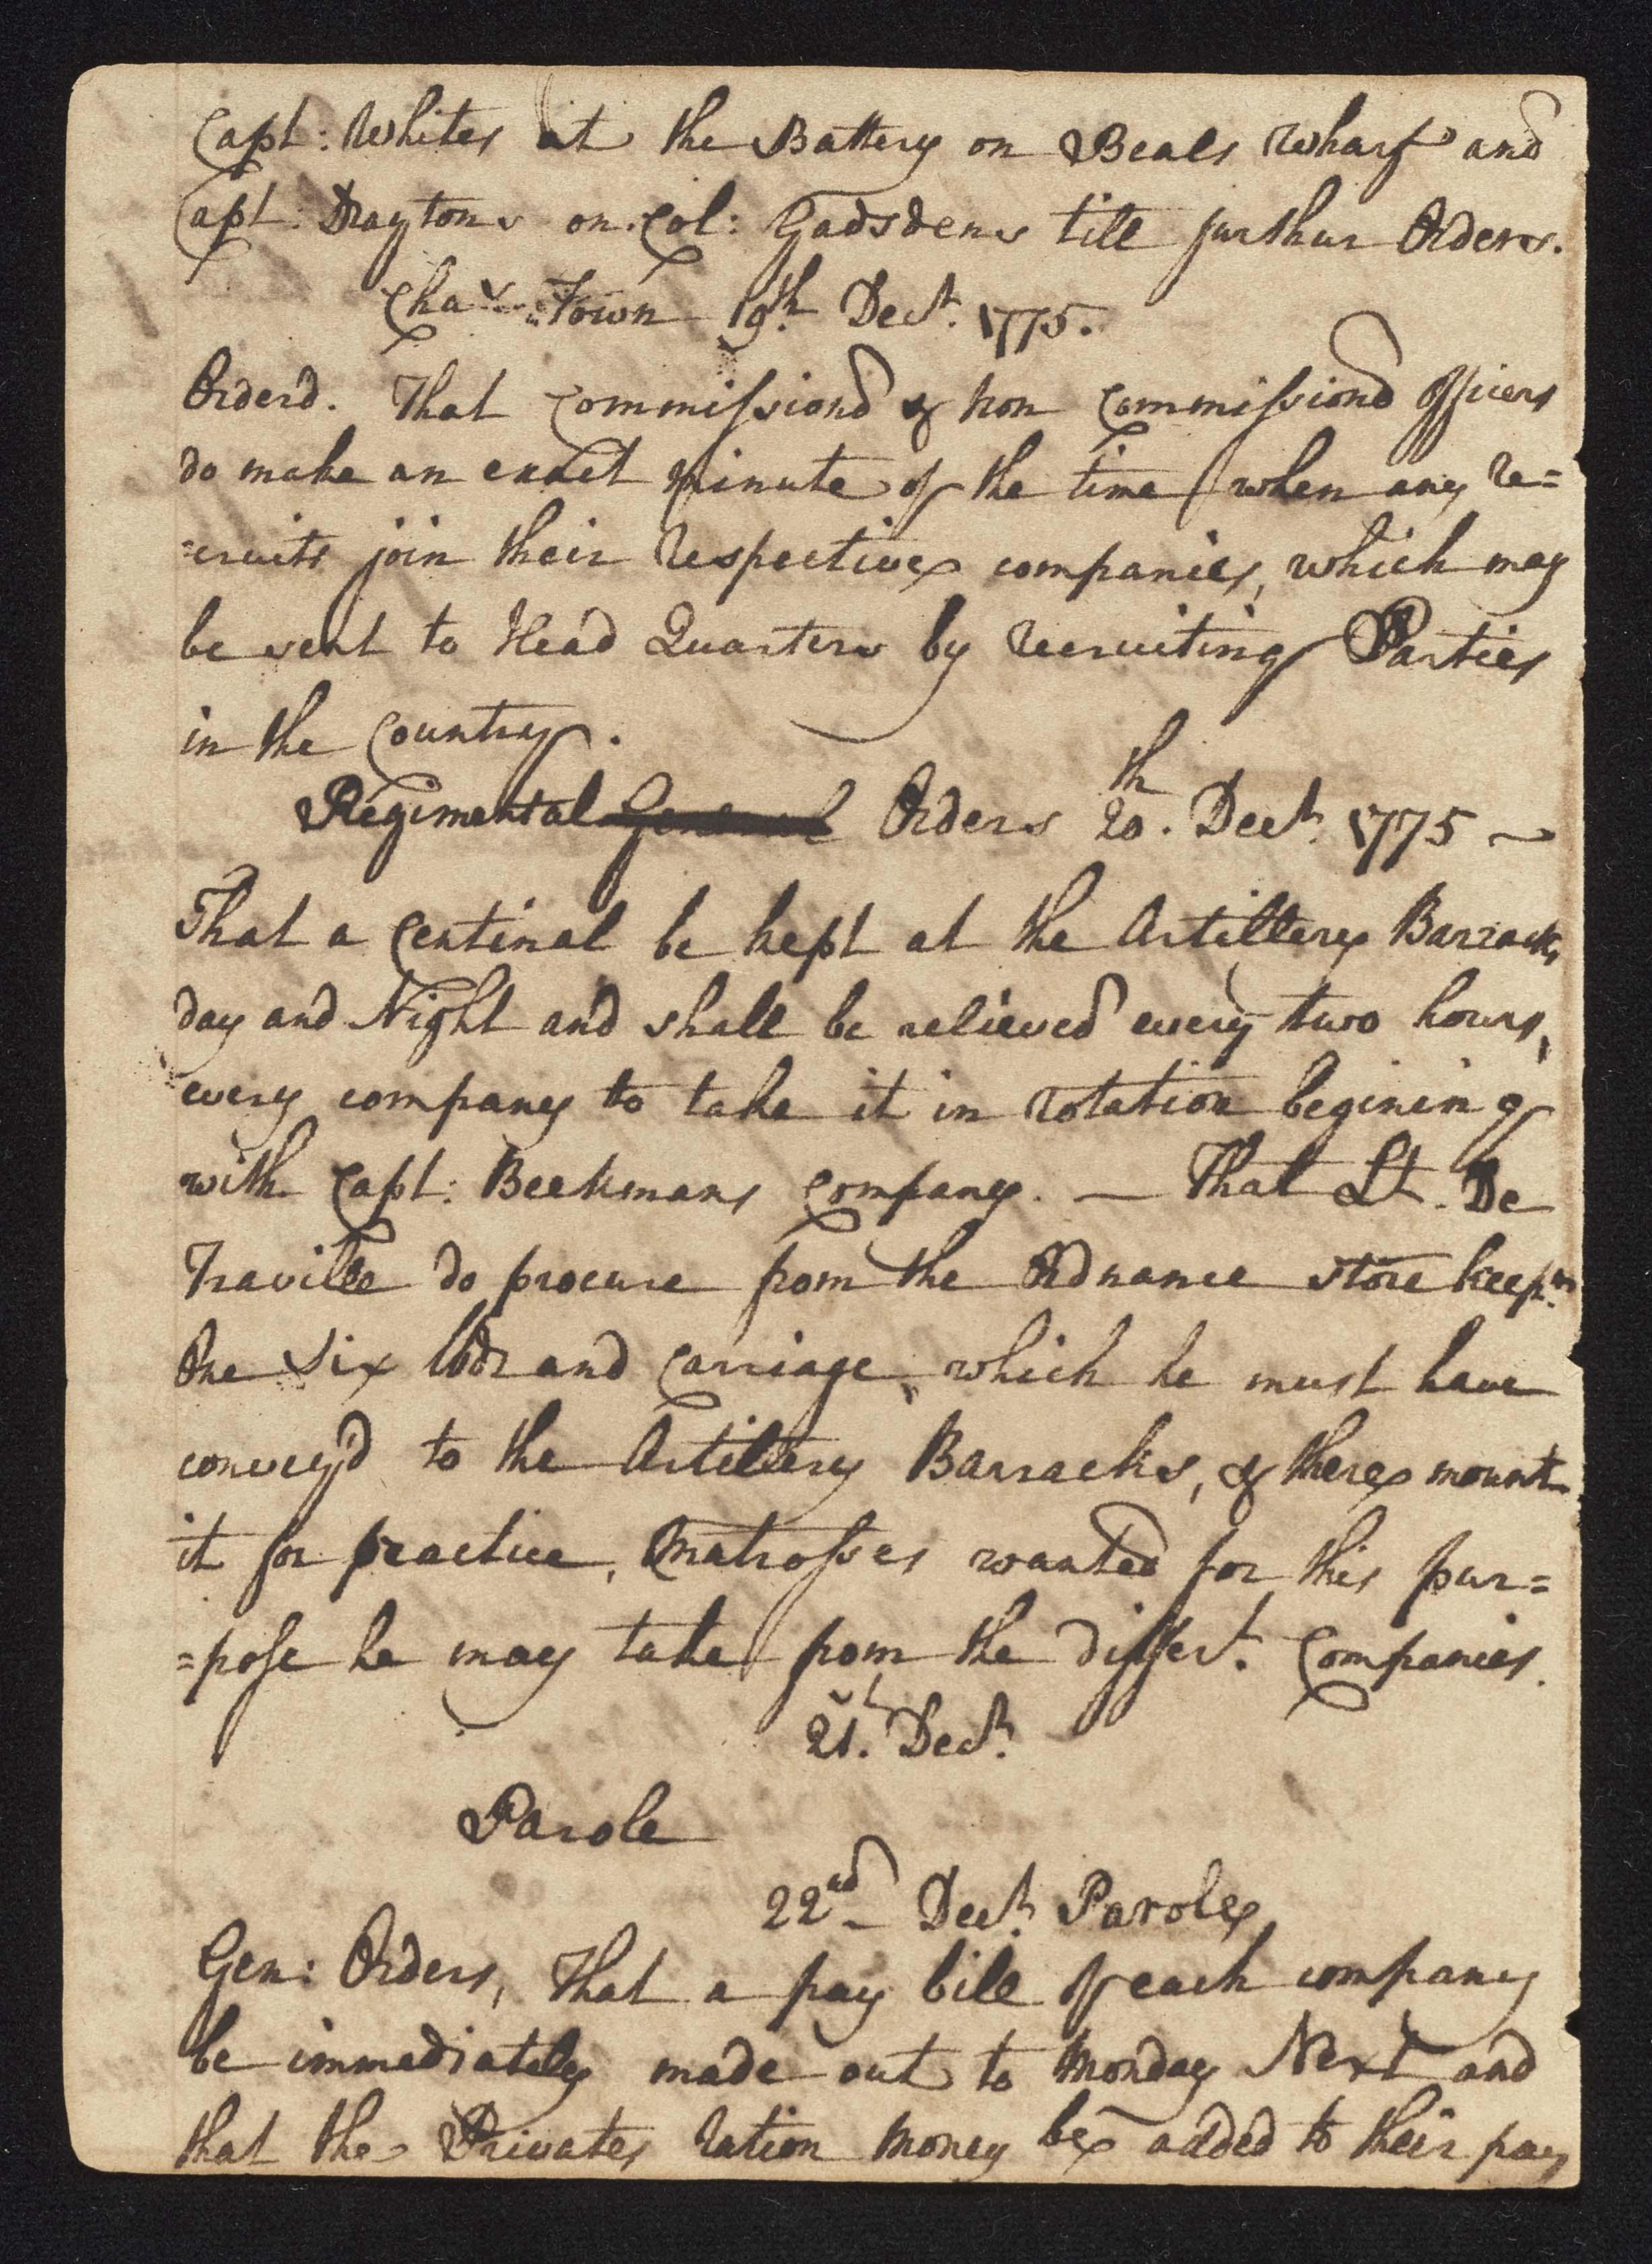 South Carolina Regiment Order Book, Page 54